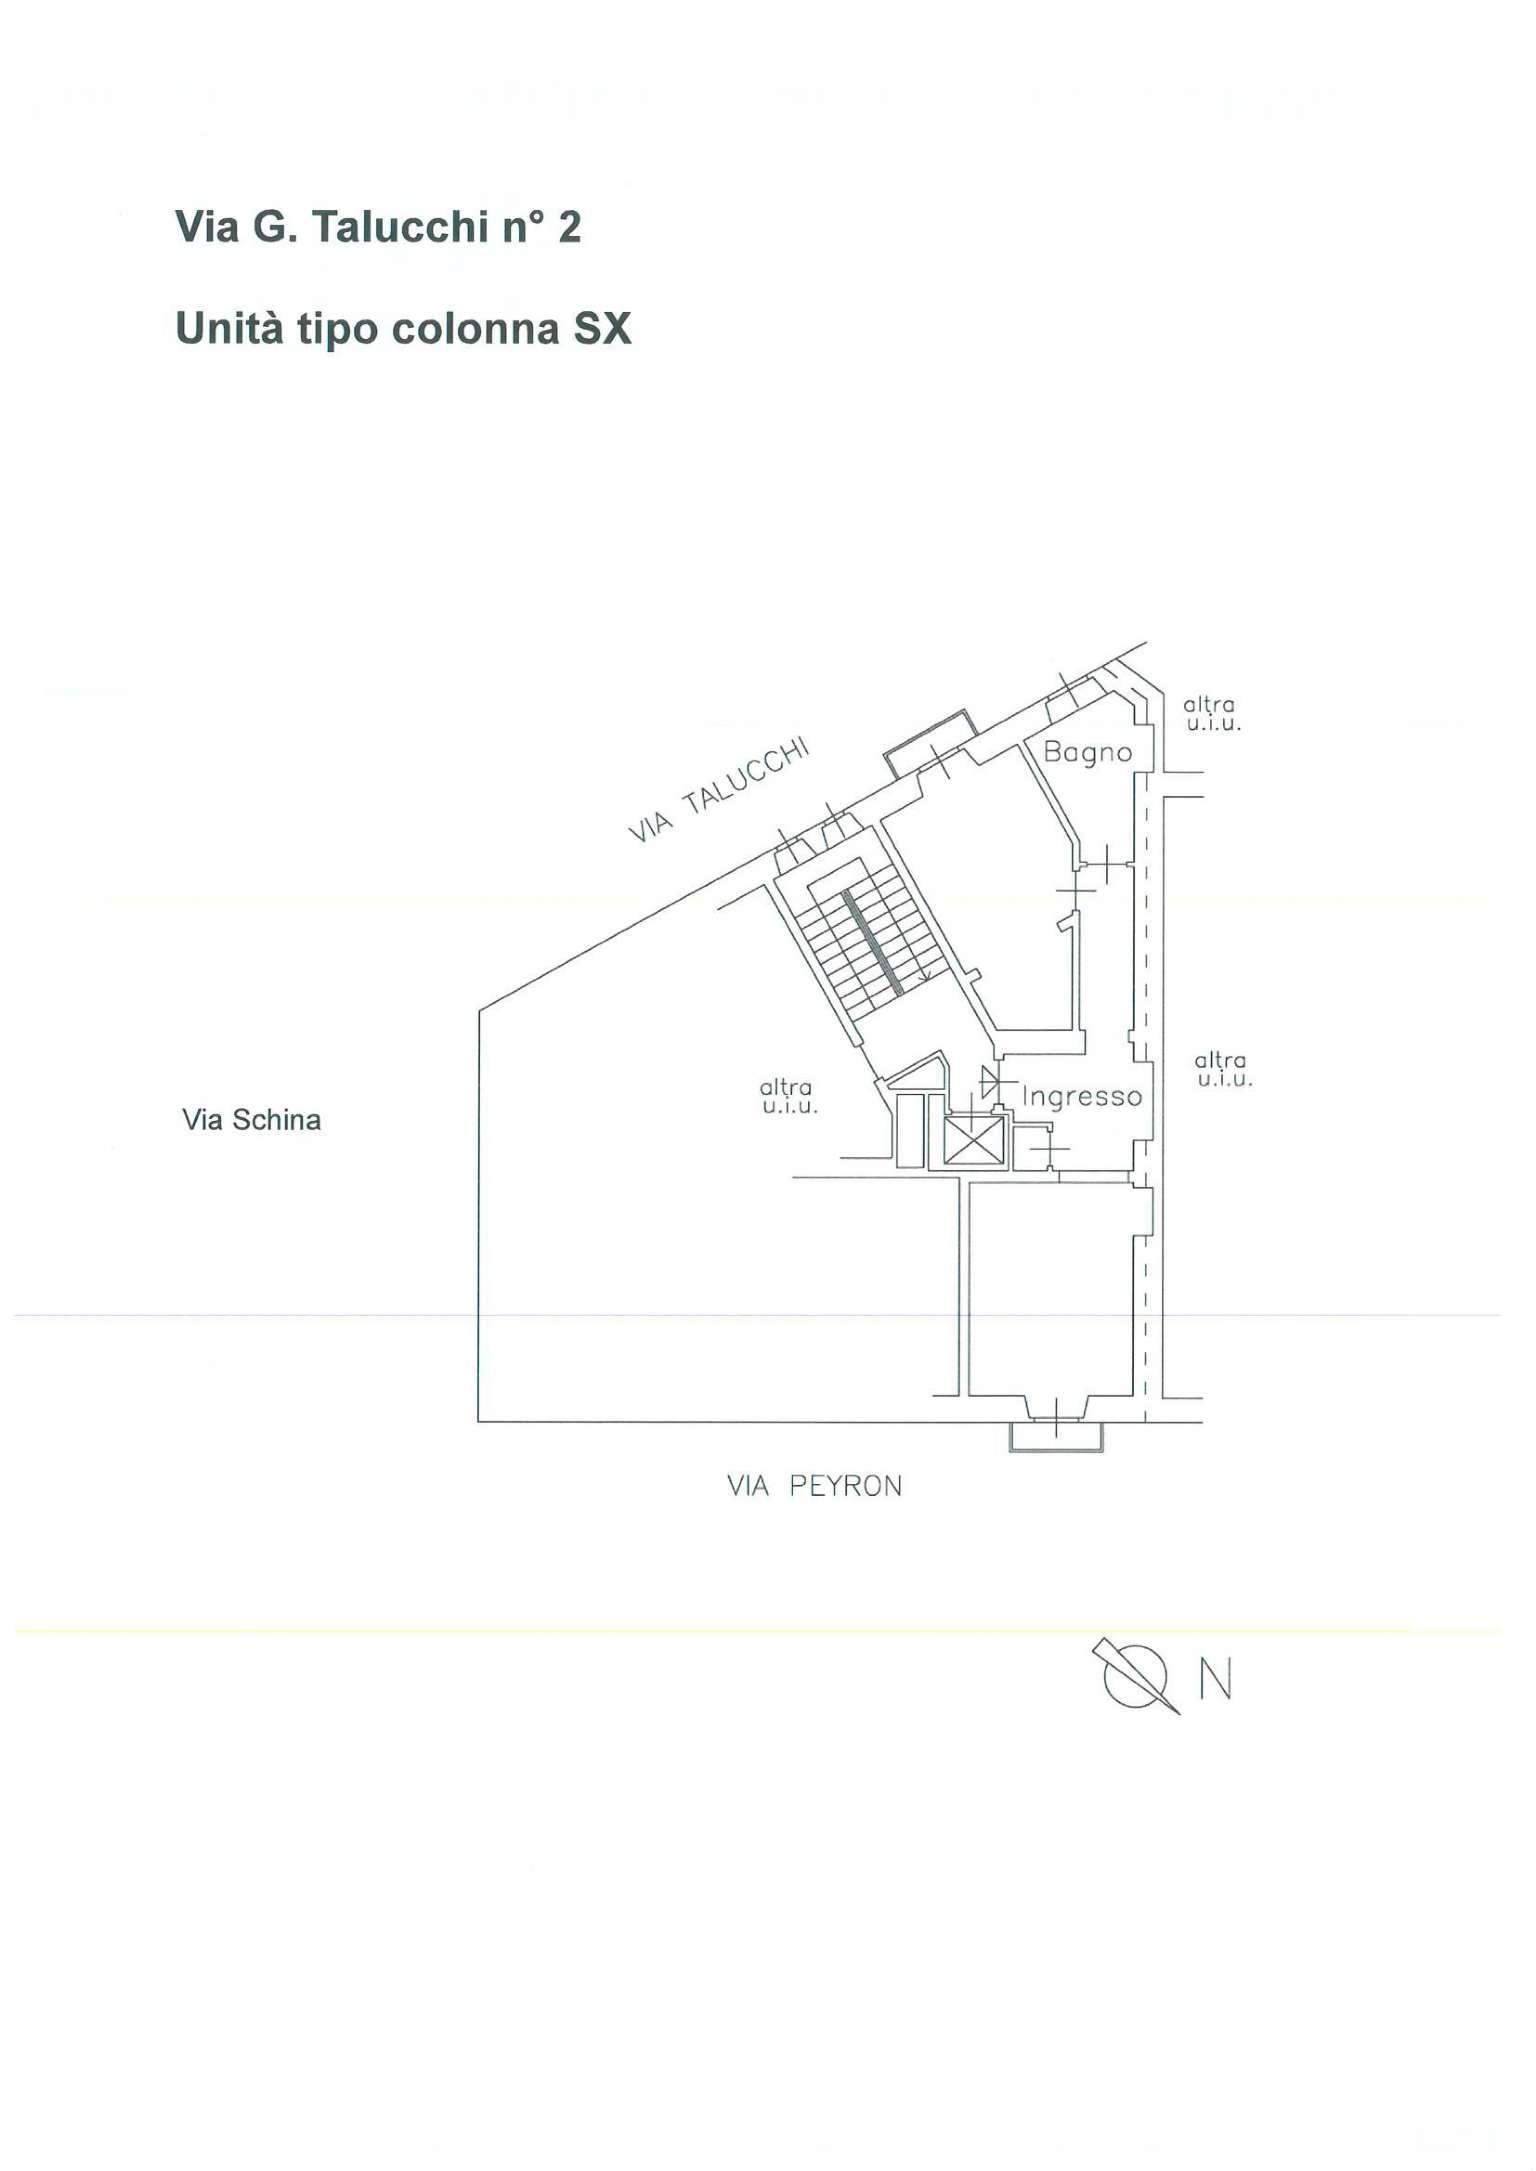 Affitto  bilocale Torino Via Talucchi 1 1015838